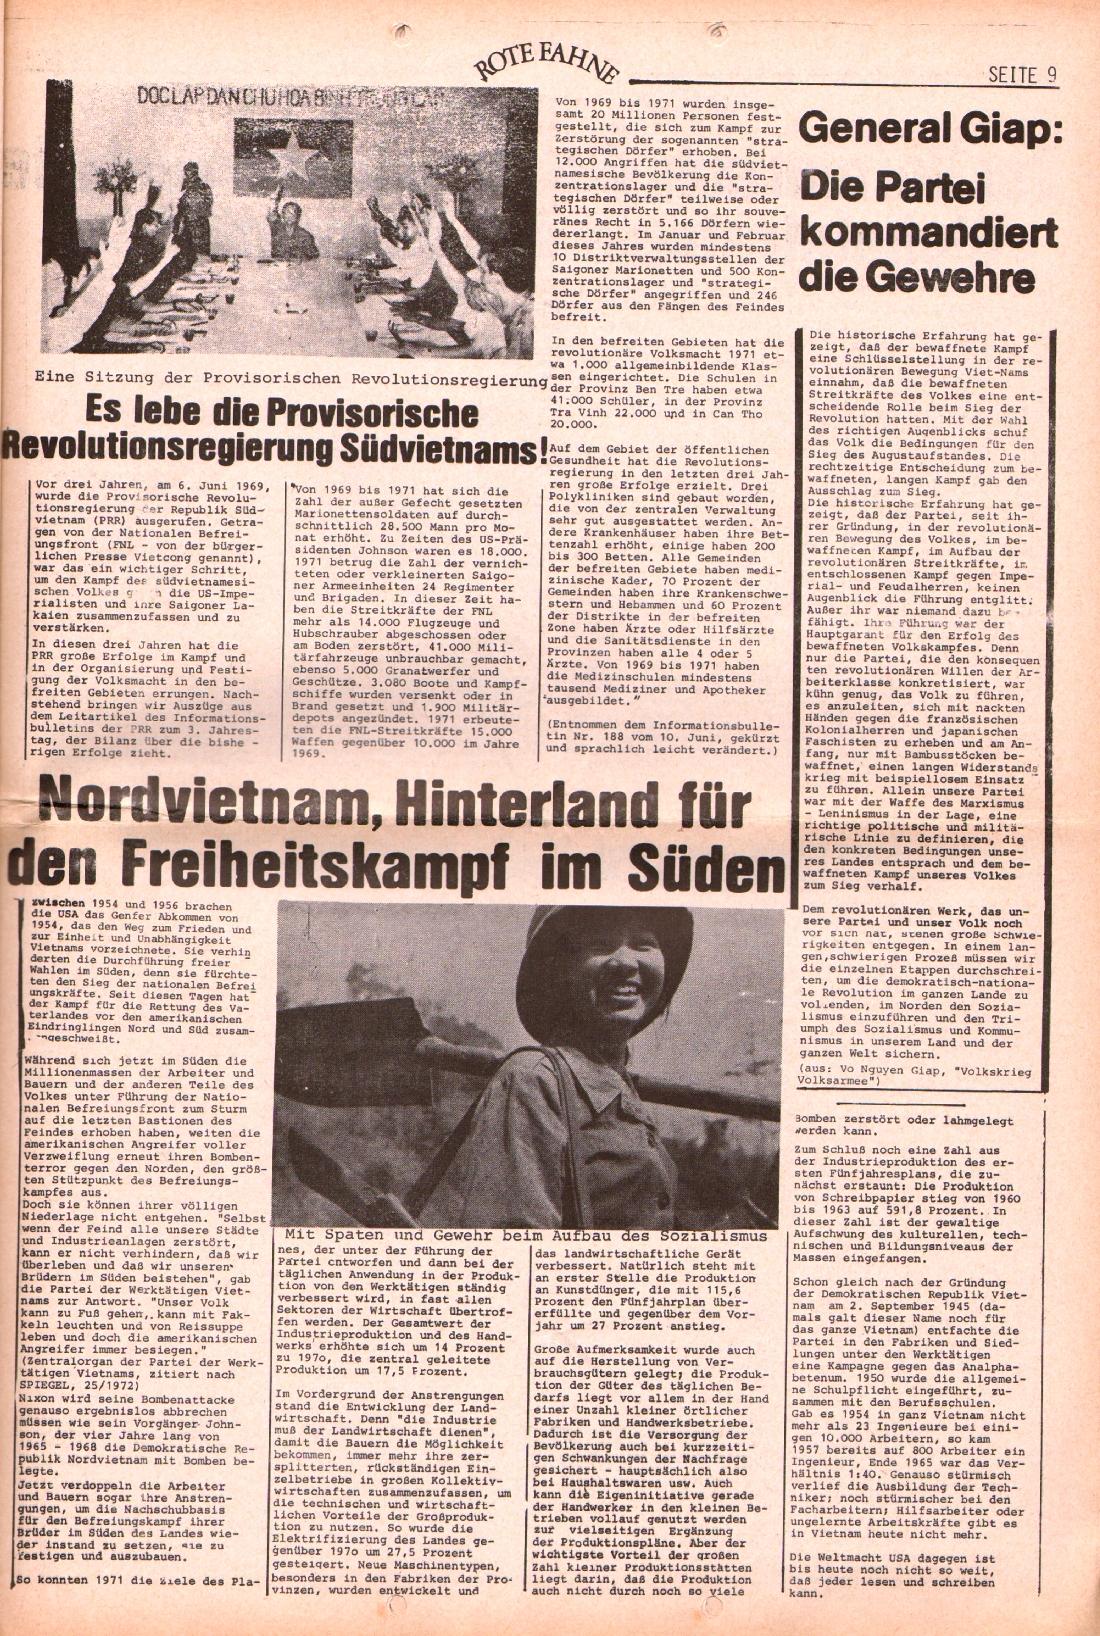 Rote Fahne, 3. Jg., 28.6.1972, Nr. 13, Seite 9